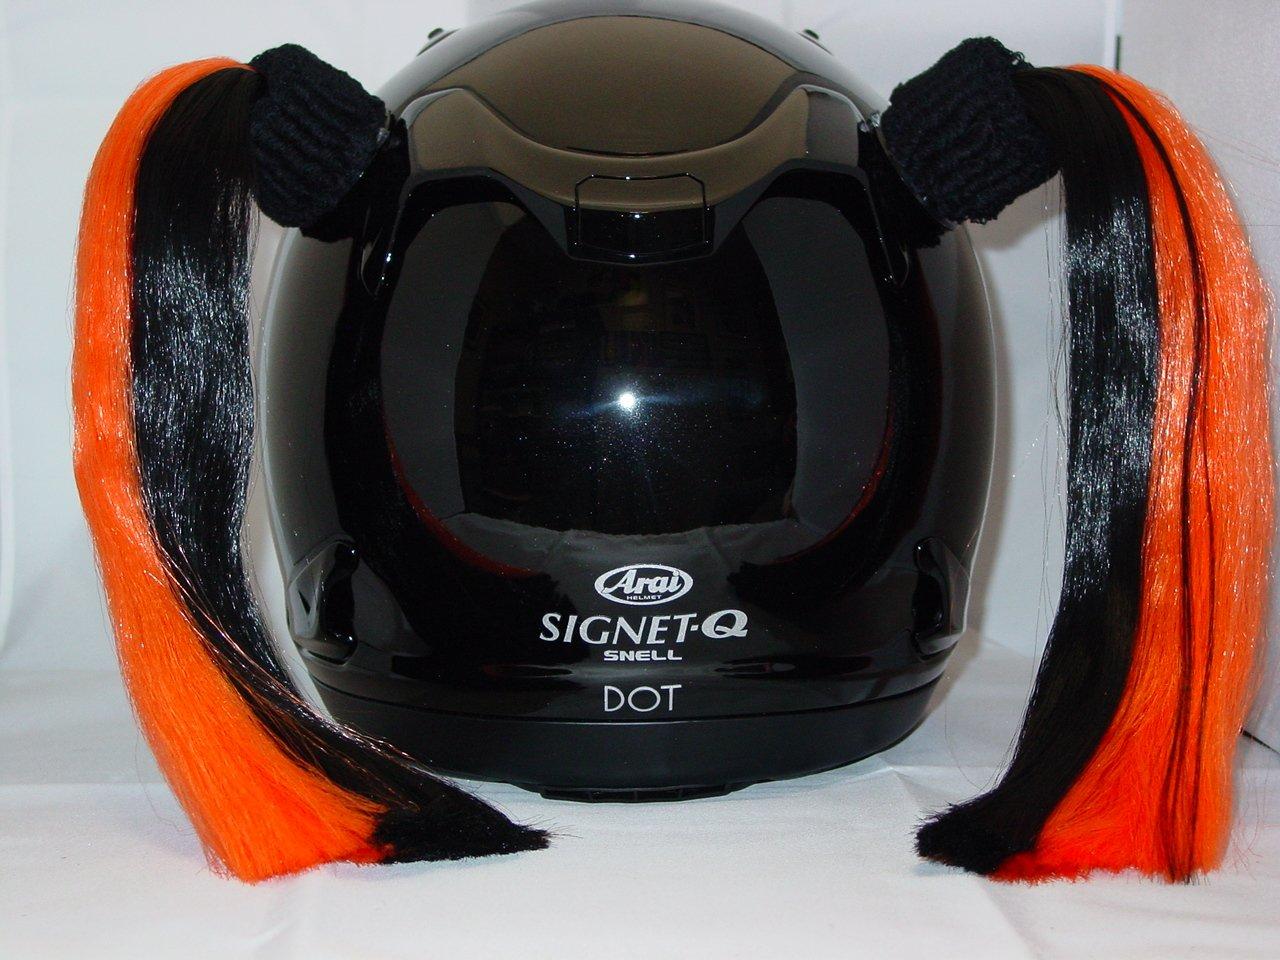 Black /& Orange Ladies Helmet Pigtails Works On Any Motorcycle or Other Helmet